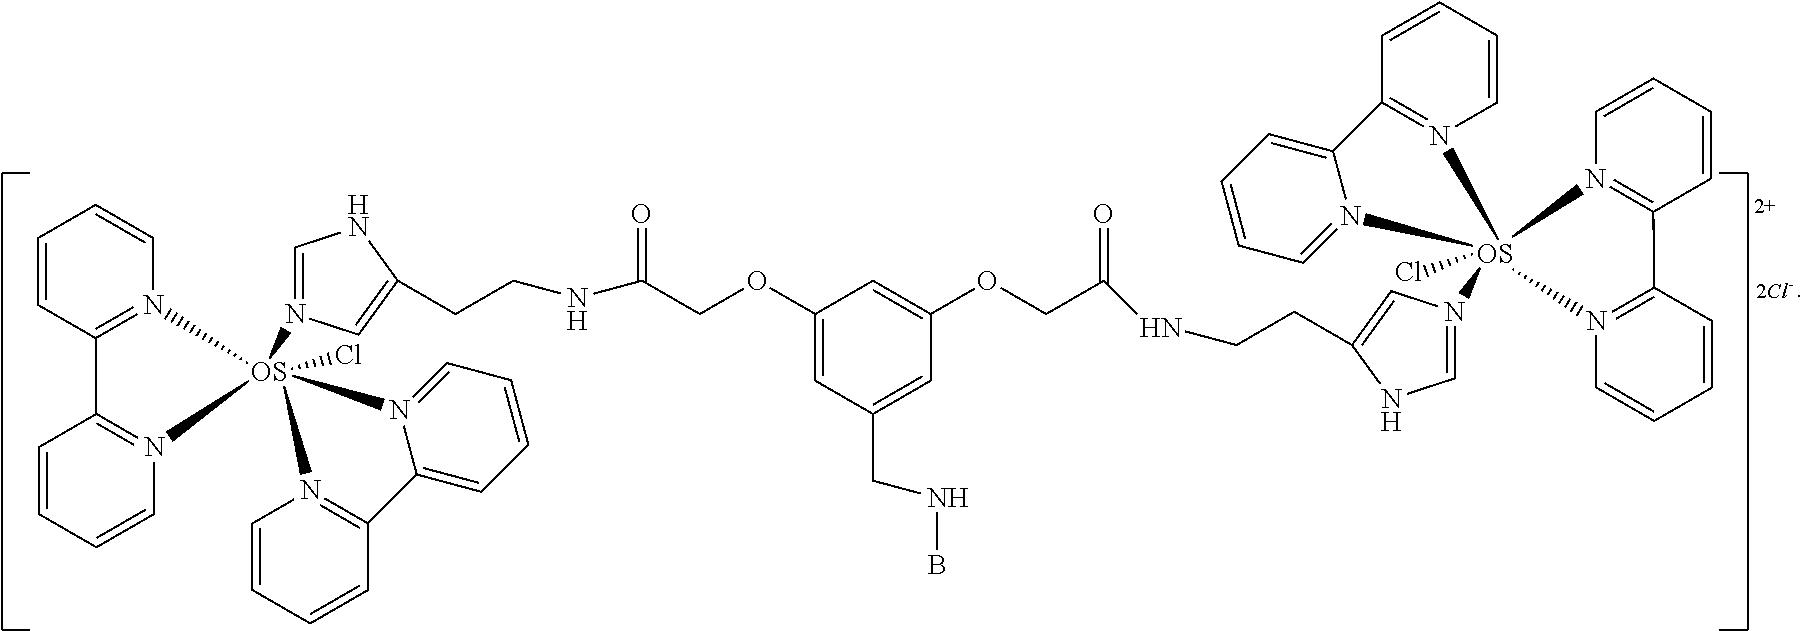 Figure US08288544-20121016-C00011